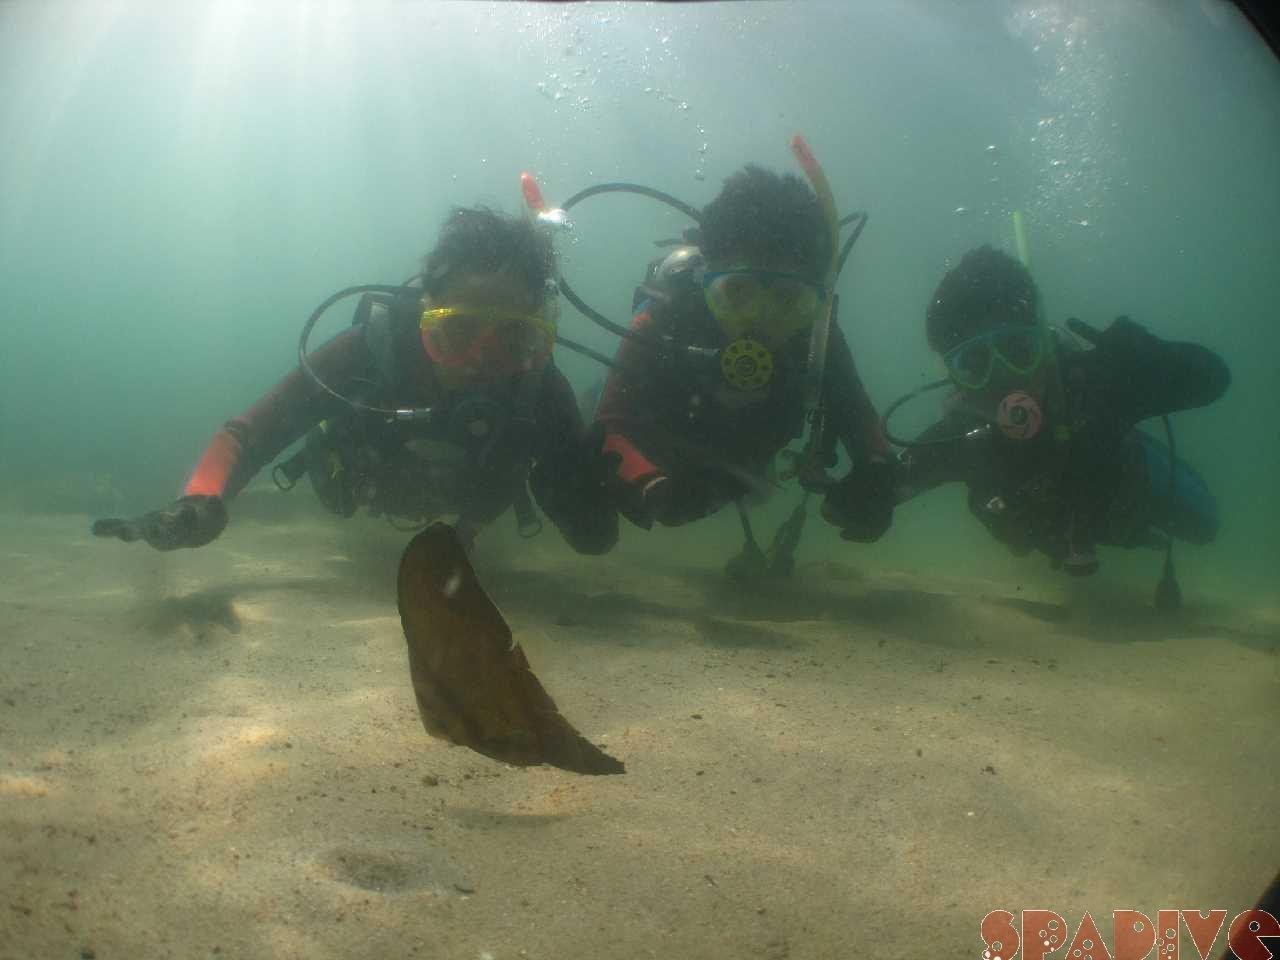 白浜権現崎8月の水中画 像5